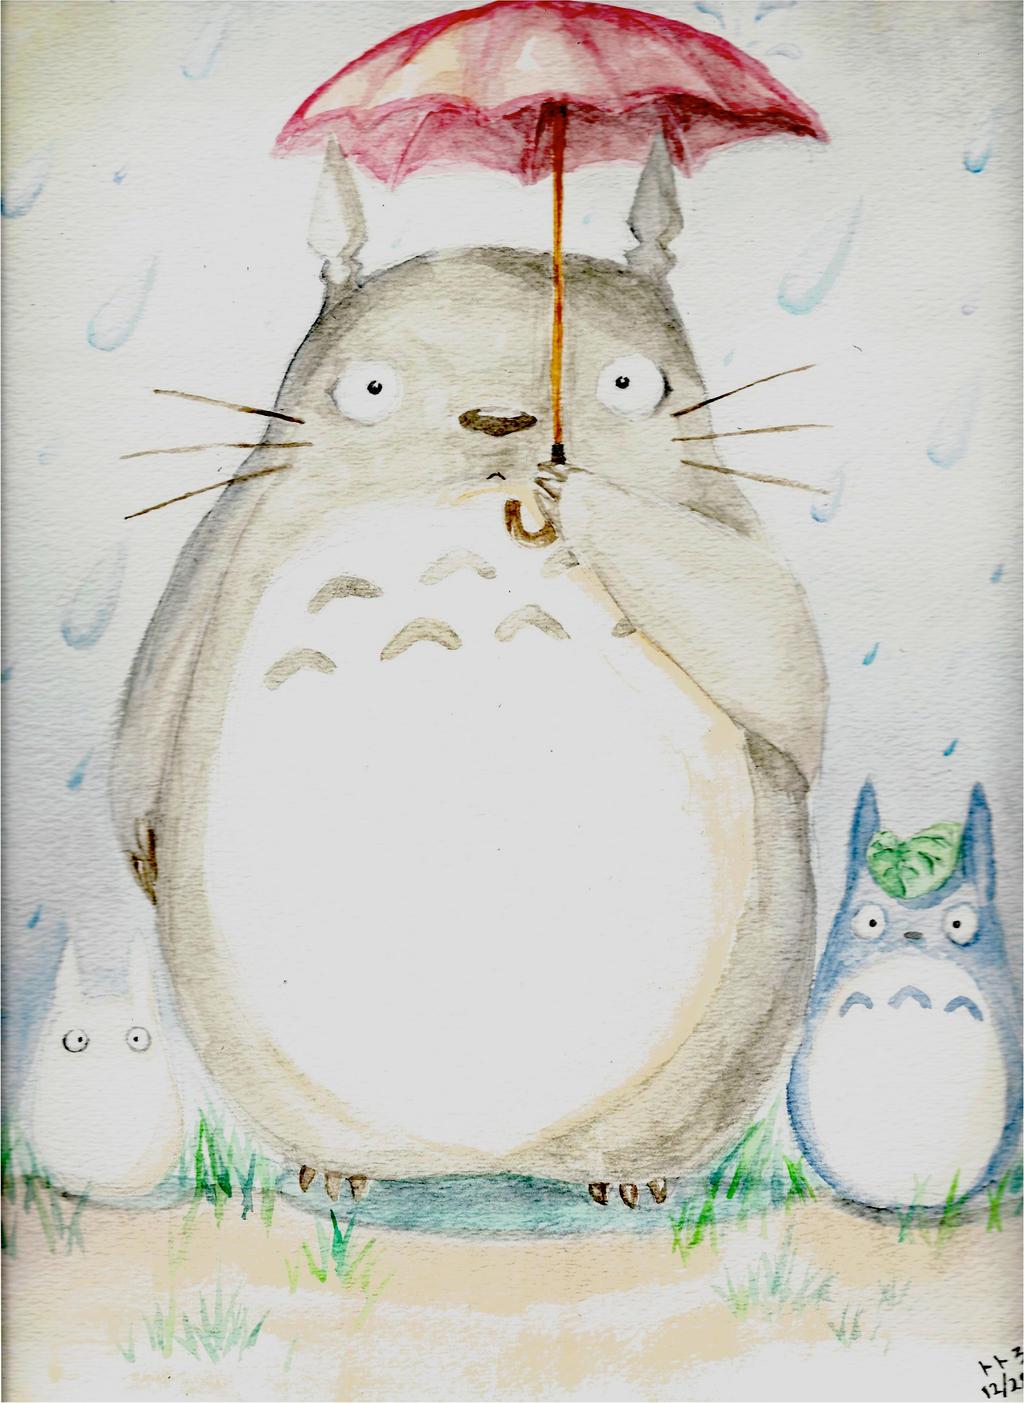 Totoro: Rainy Day by SailorShana8 on DeviantArt